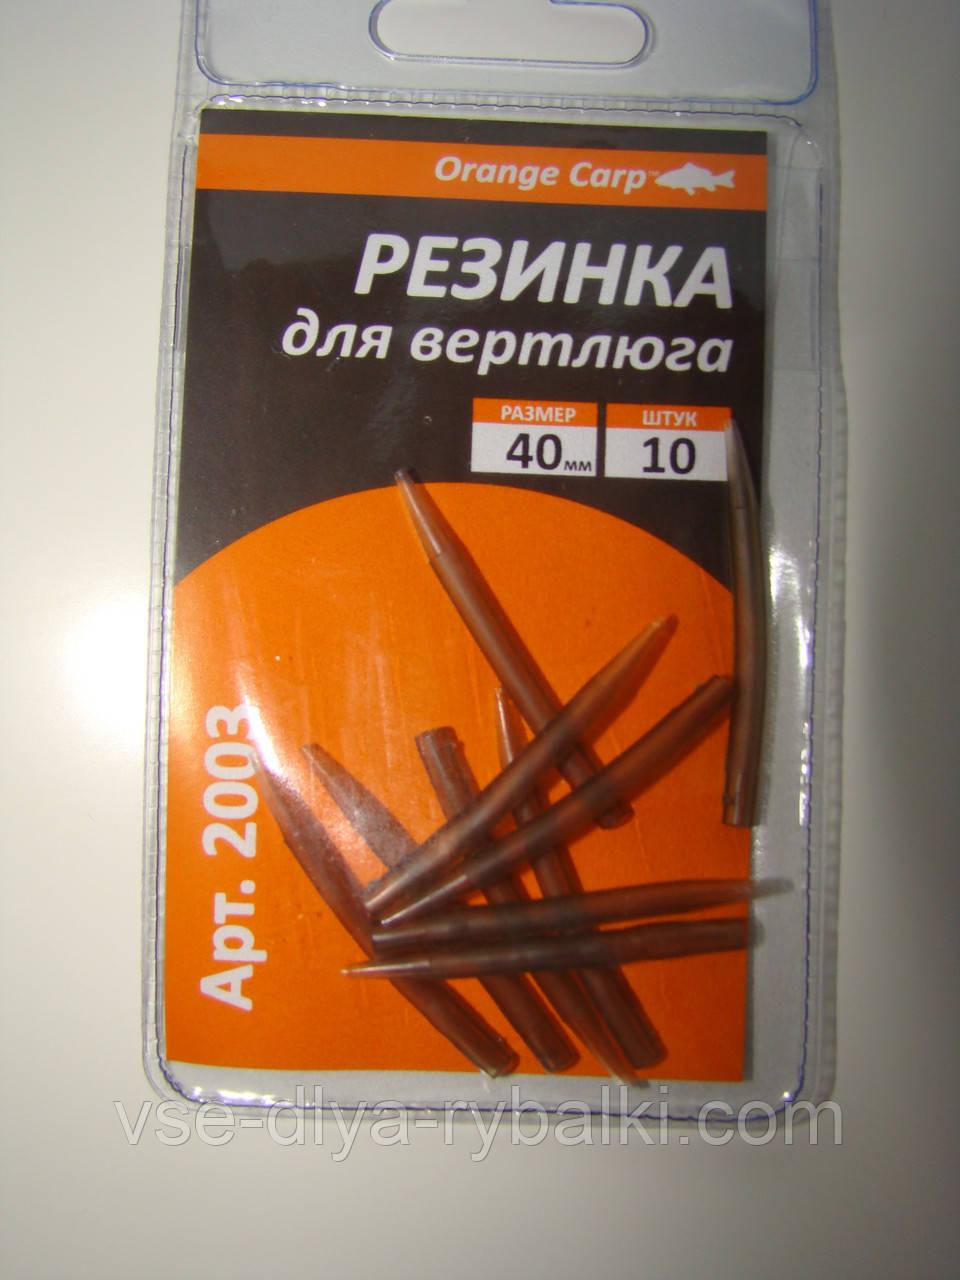 Гумка для вертлюга 40 мм